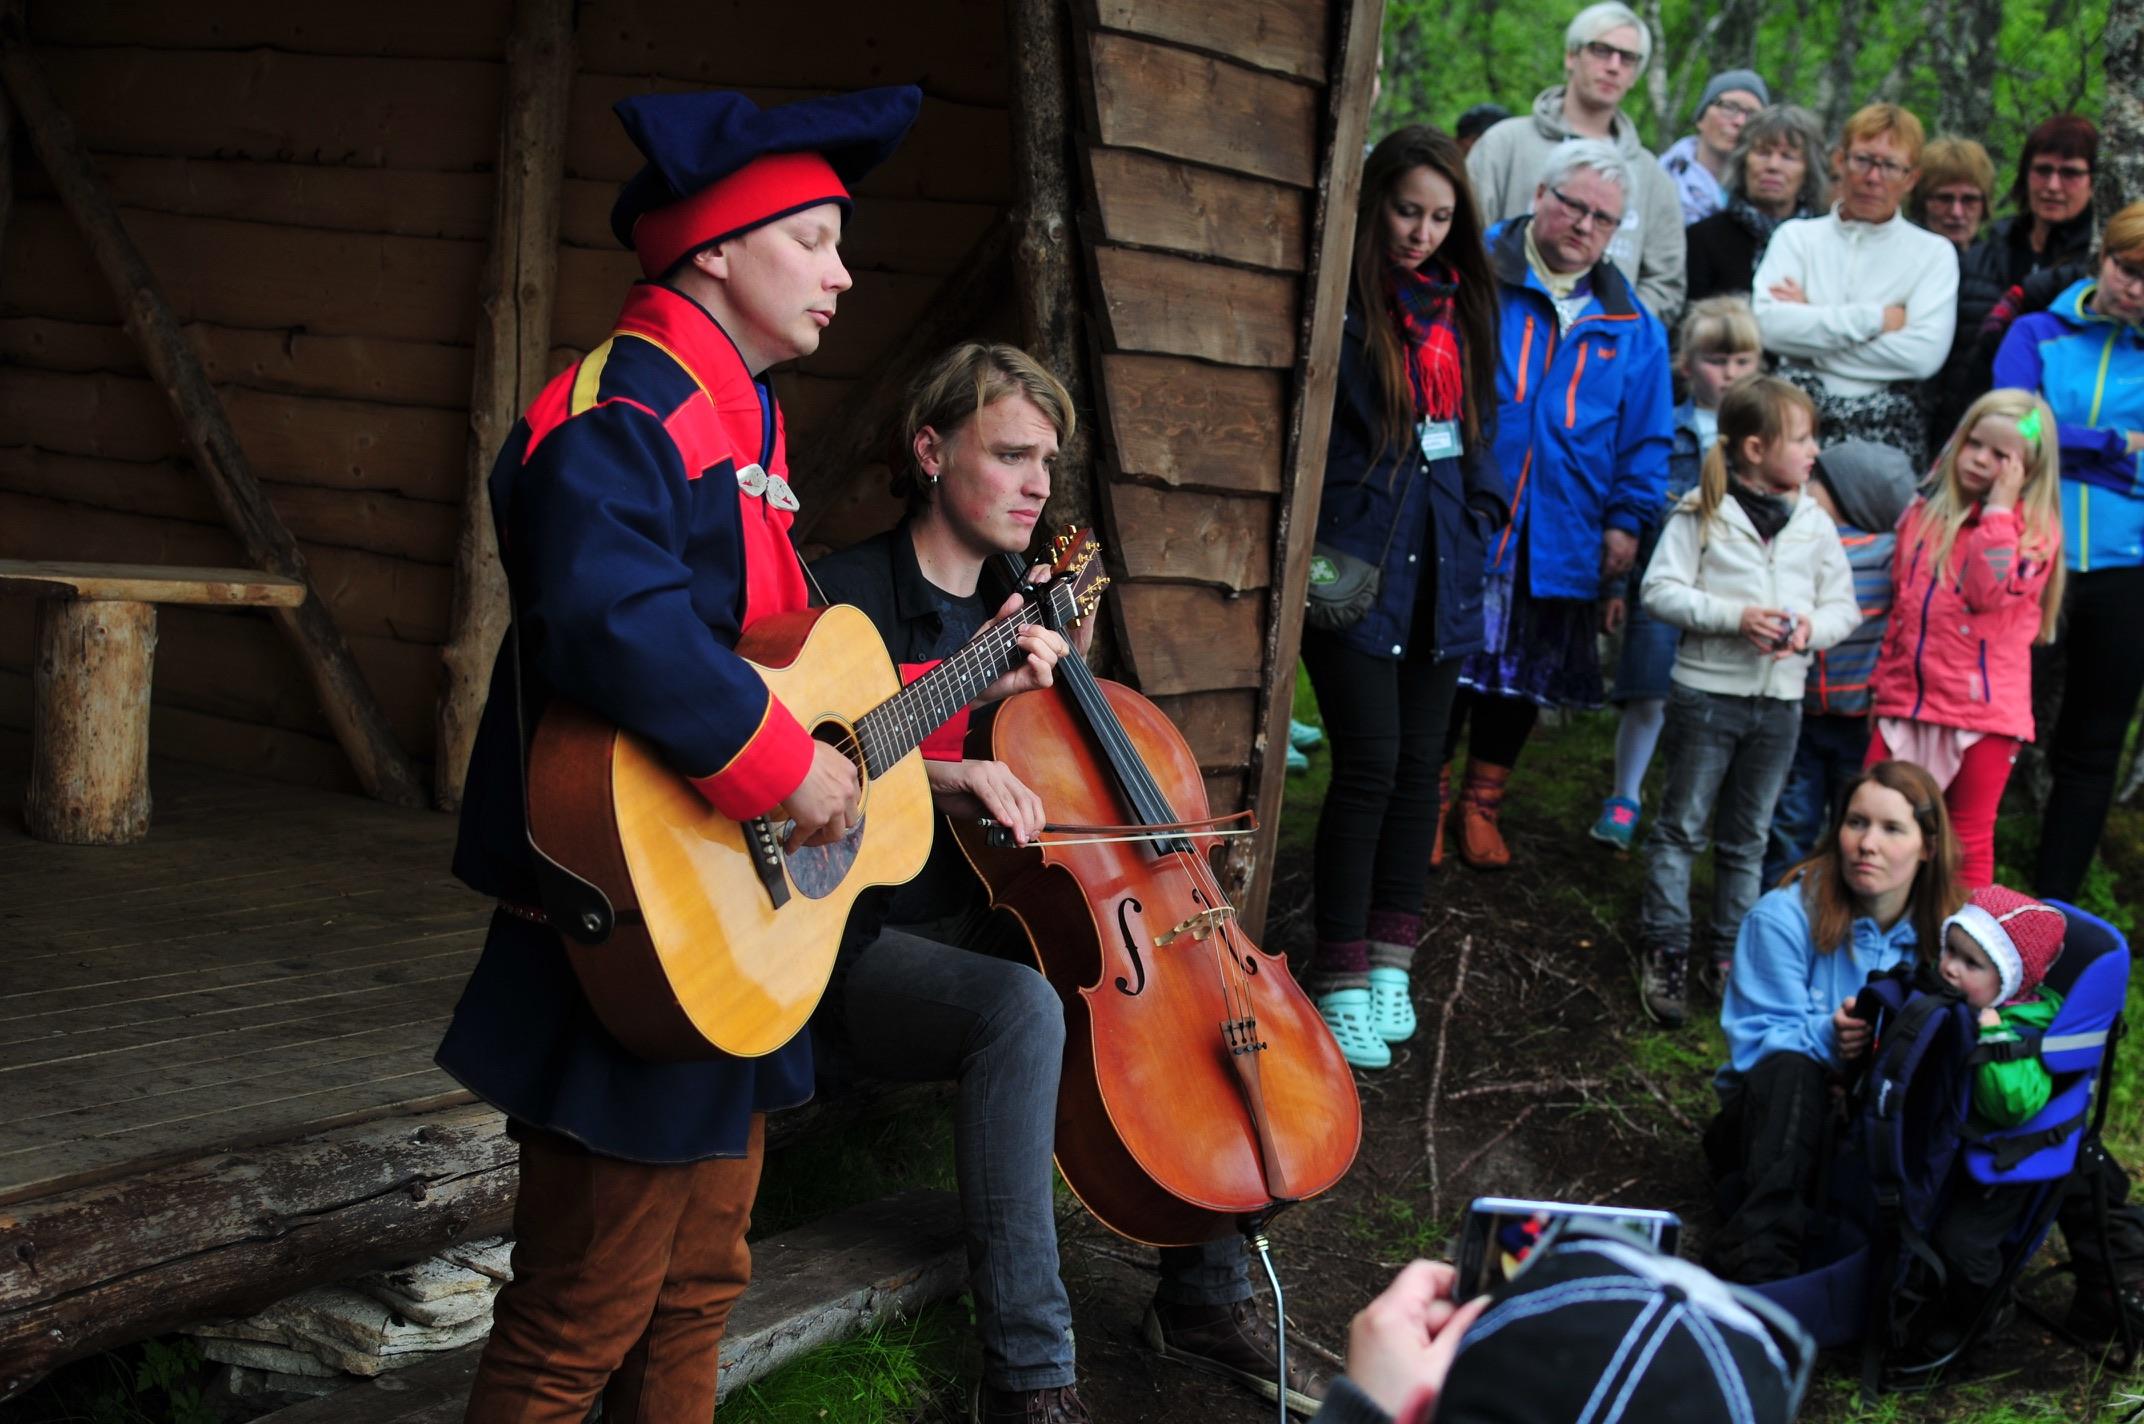 Niillas Holmberg & Roope Mäenpää Márkomeannu-festivalas 2015. Govva: John H Storhaug:Fo2john